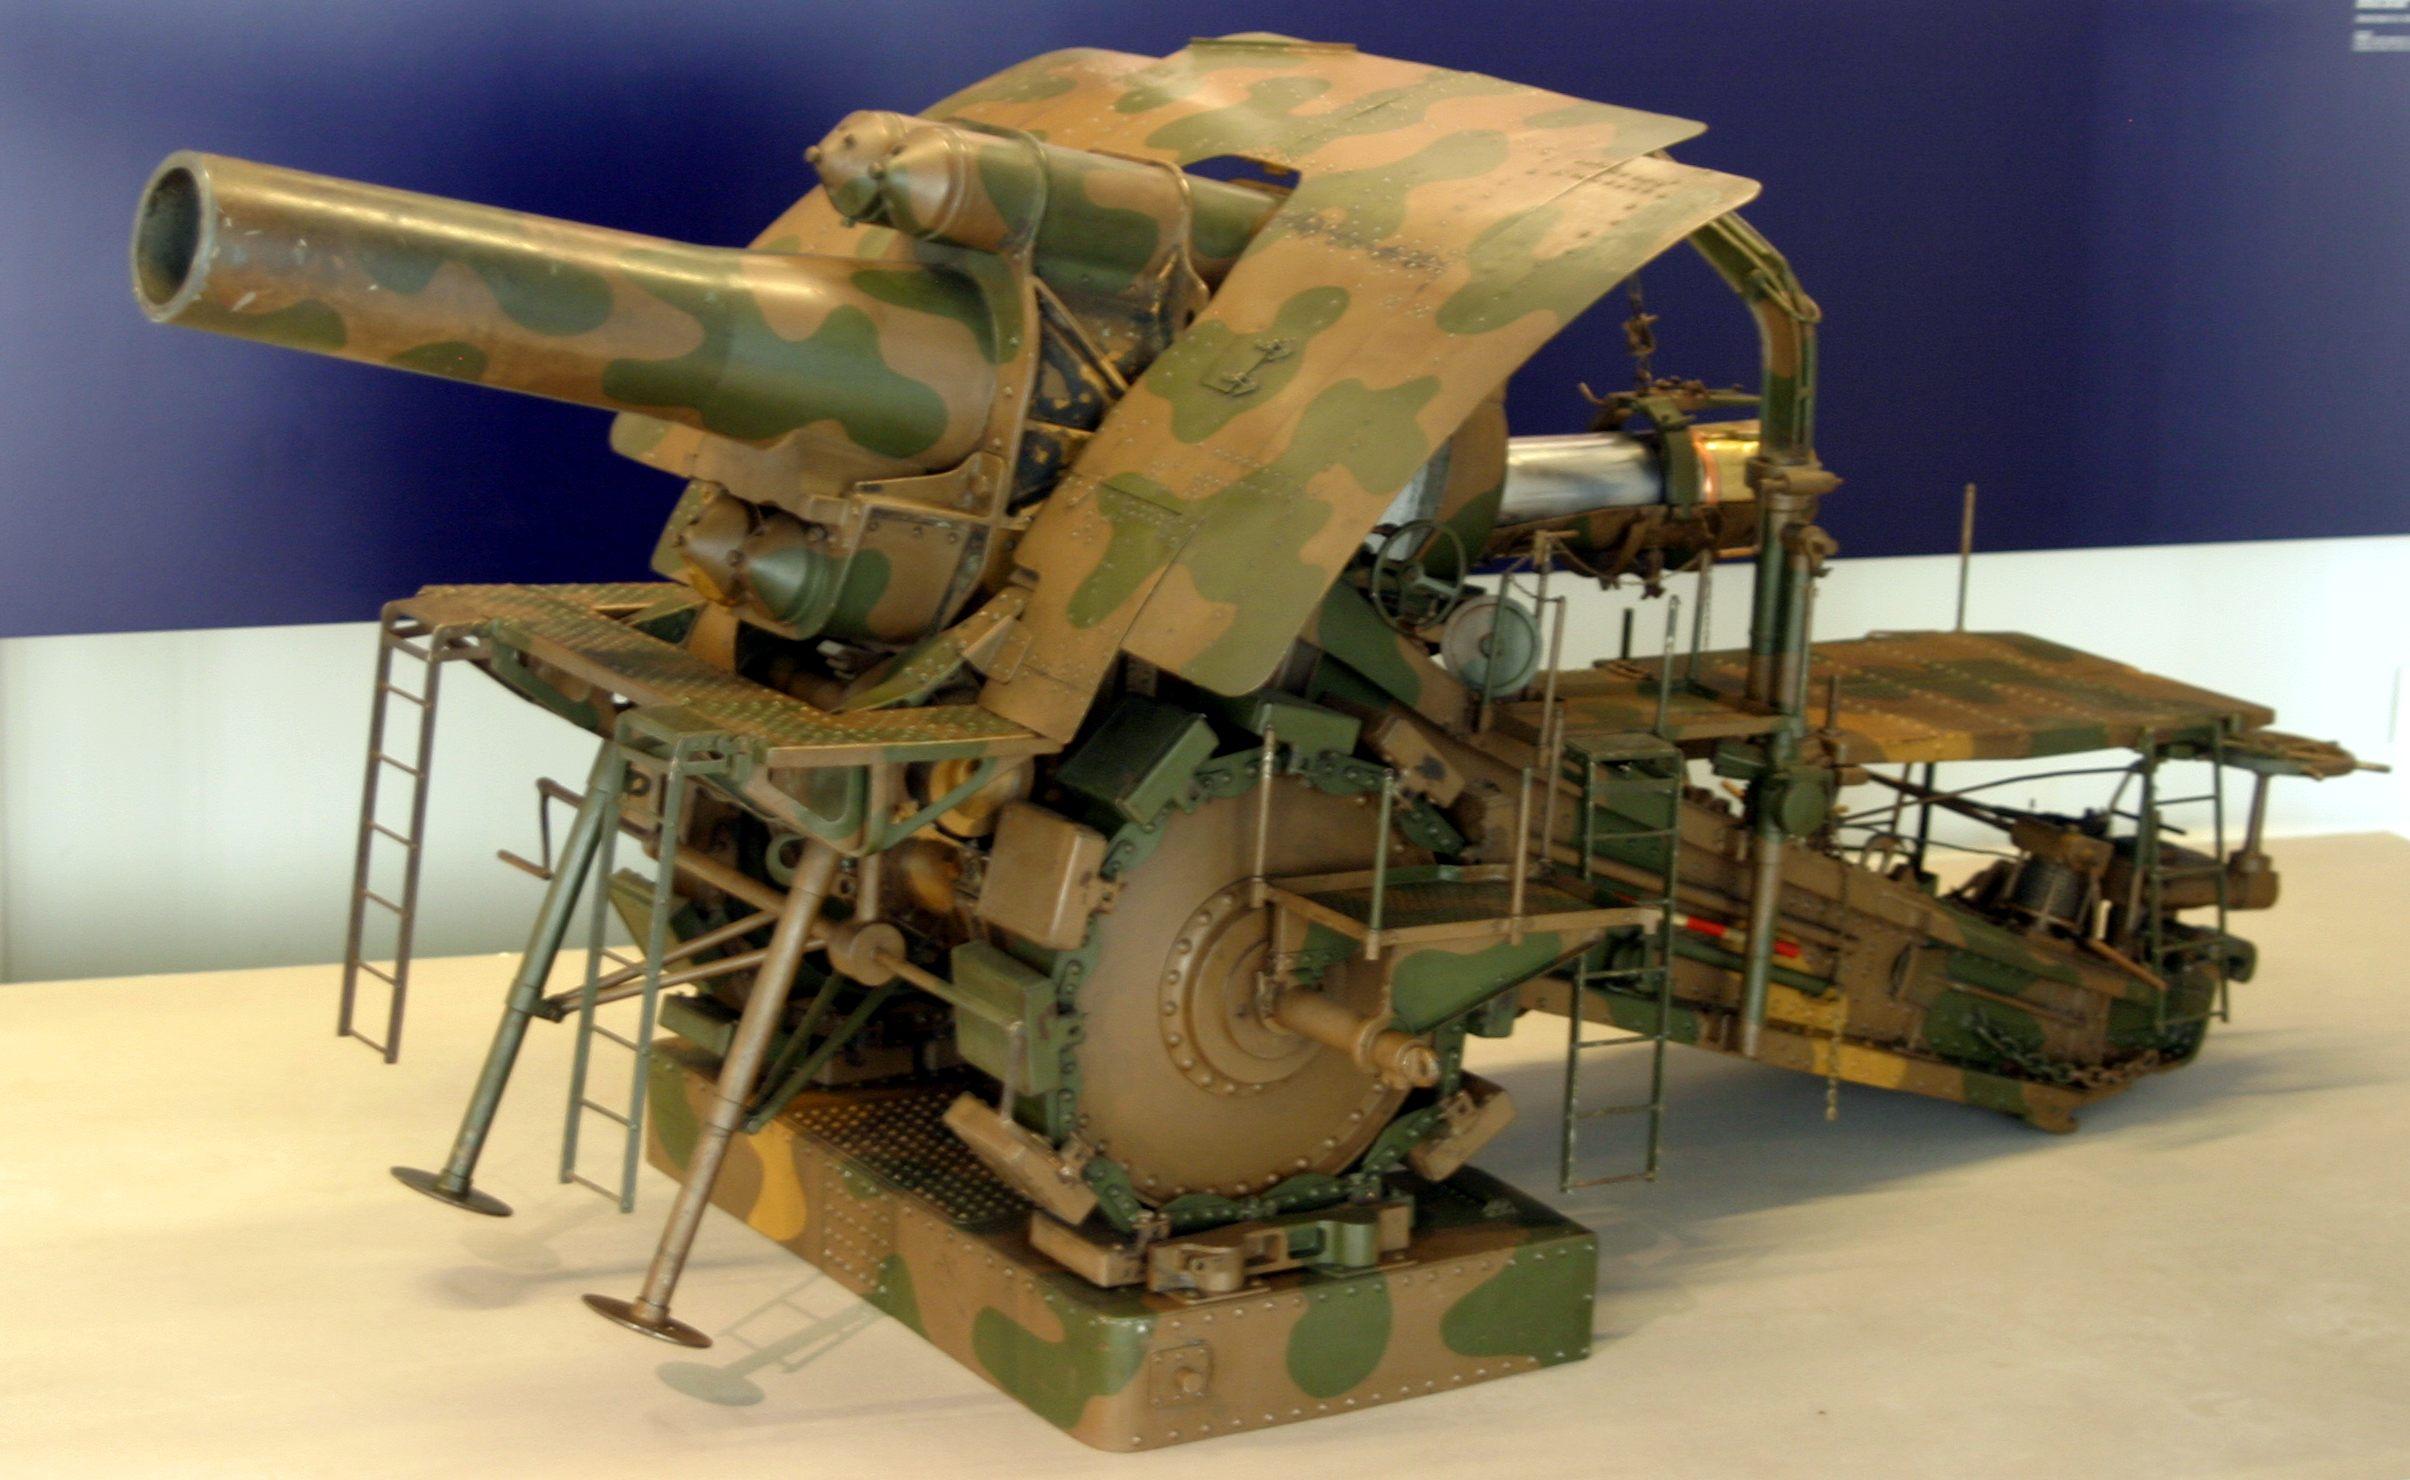 Масштабная модель M-Gerät, мобильной версии орудия, в парижском музее Musée de l'Armée.jpg